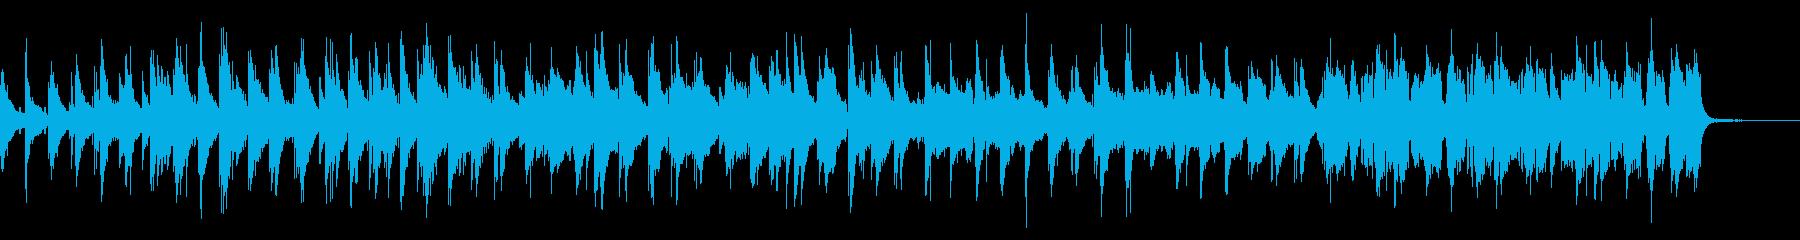 シンプルでゆったりしたジャズ風の再生済みの波形